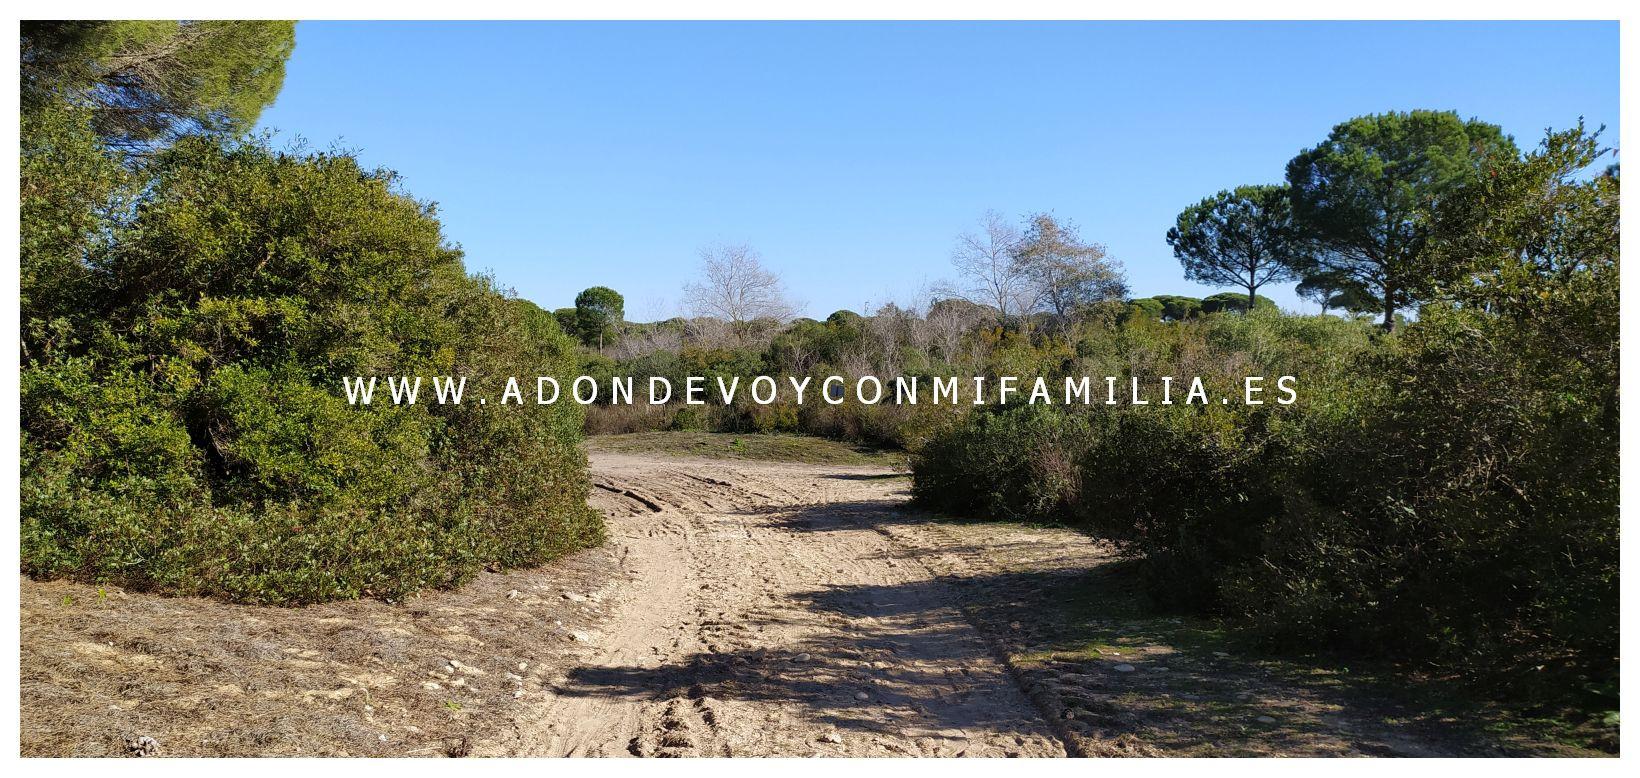 sendero-cerro-del-aguila-pinar-de-la-algaida-sanlucar-adondevoyconmifamilia-08